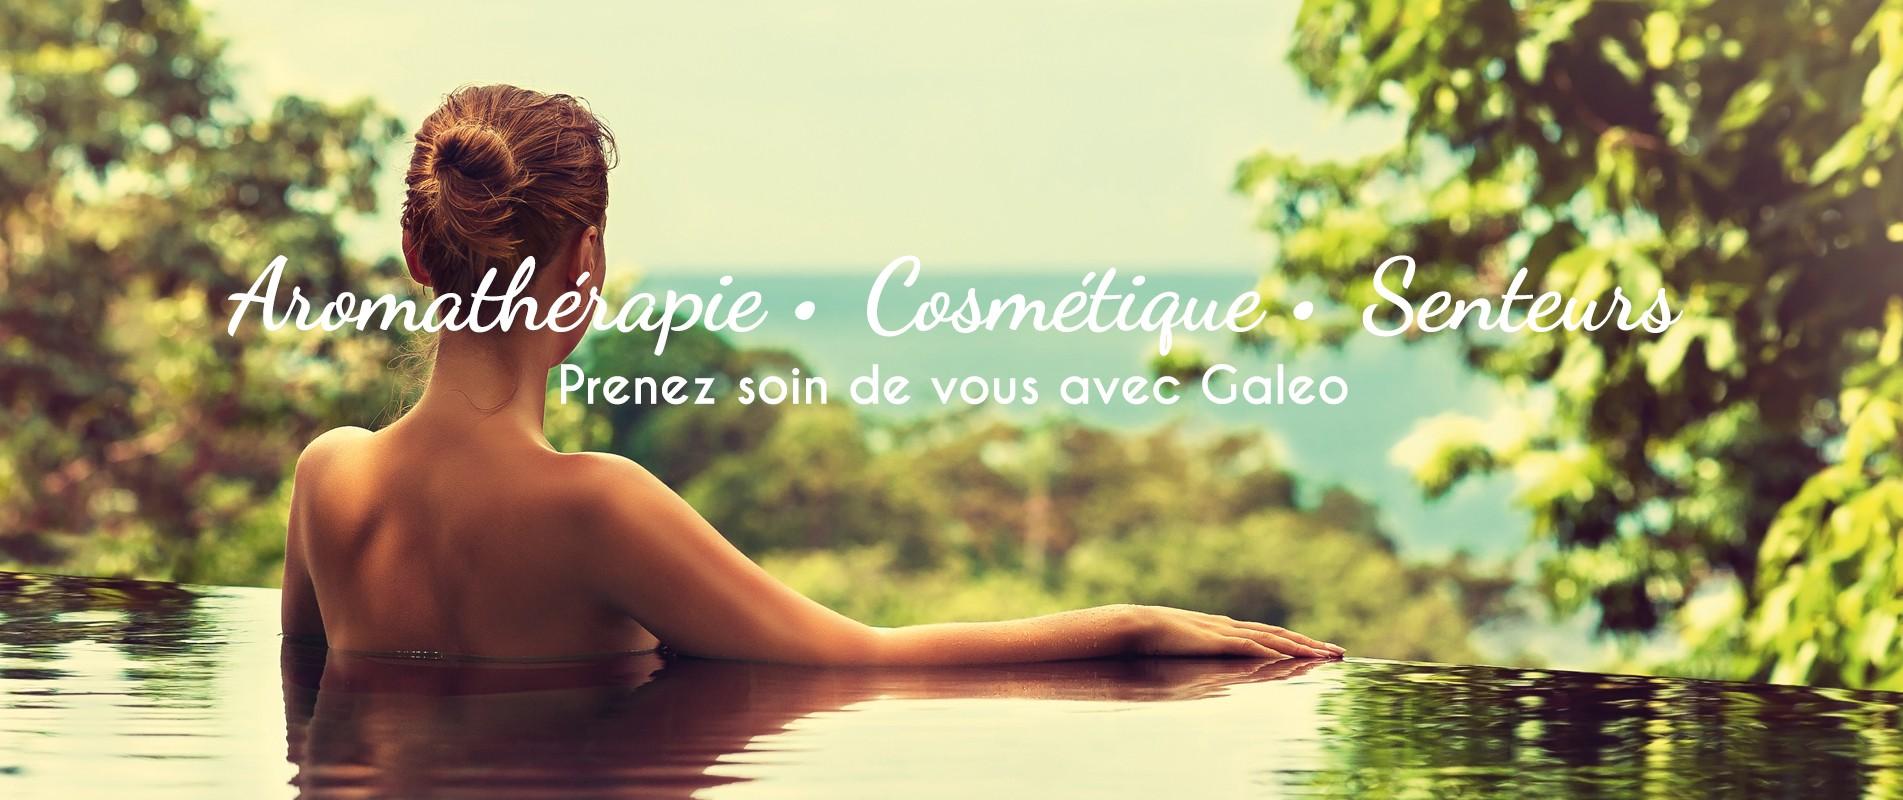 Galeo : aromathérapie, cosmétiques et senteurs. Prenez soin de vous avec Galeo